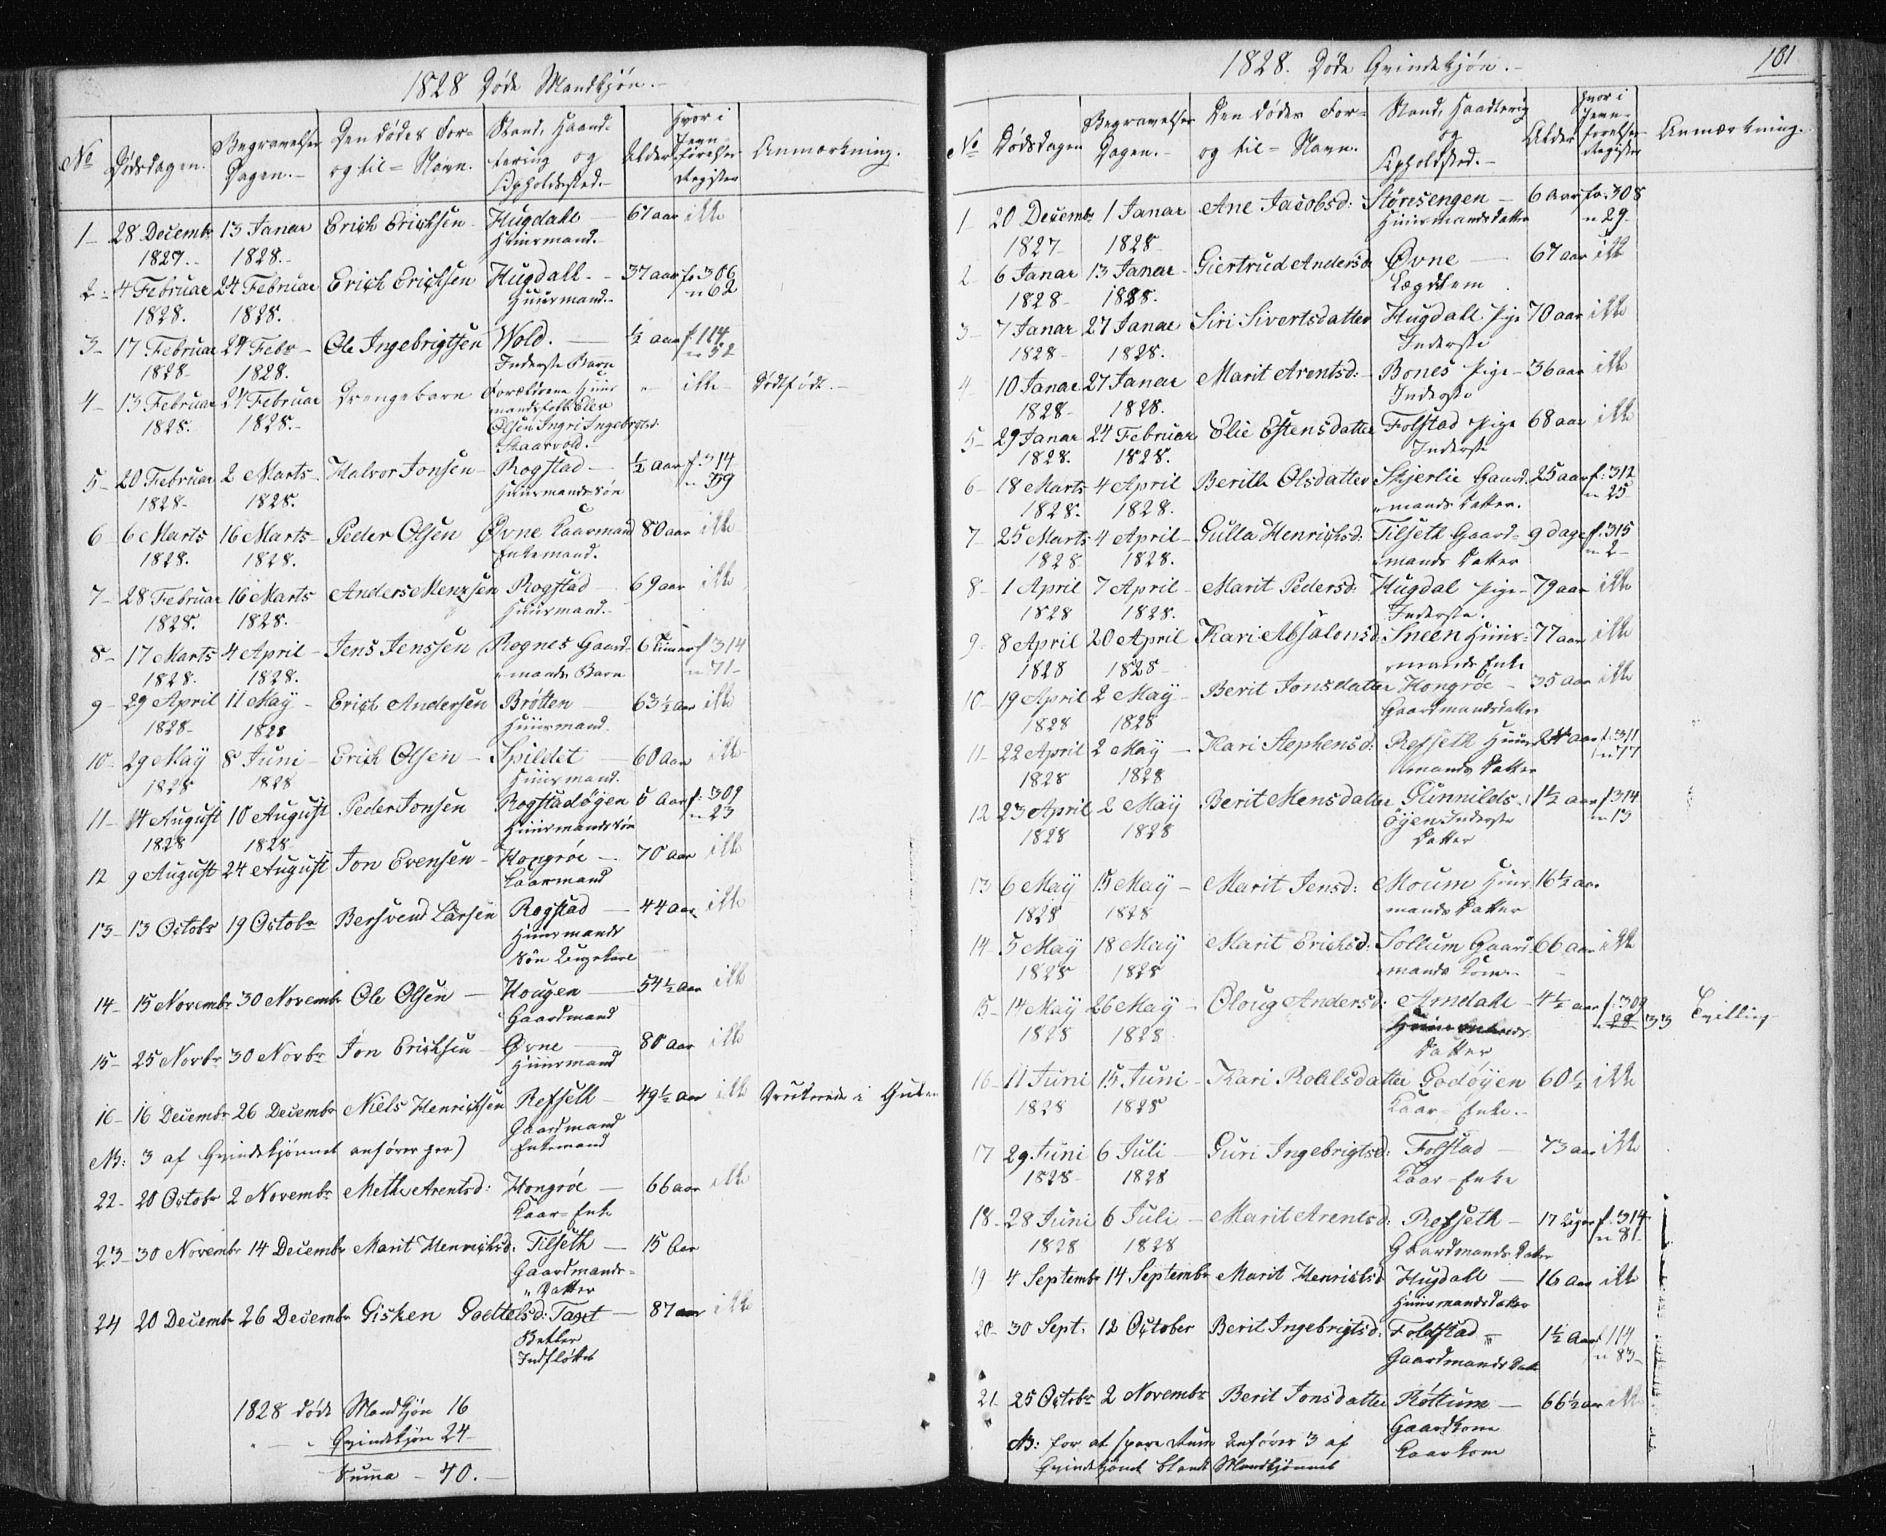 SAT, Ministerialprotokoller, klokkerbøker og fødselsregistre - Sør-Trøndelag, 687/L1017: Klokkerbok nr. 687C01, 1816-1837, s. 161